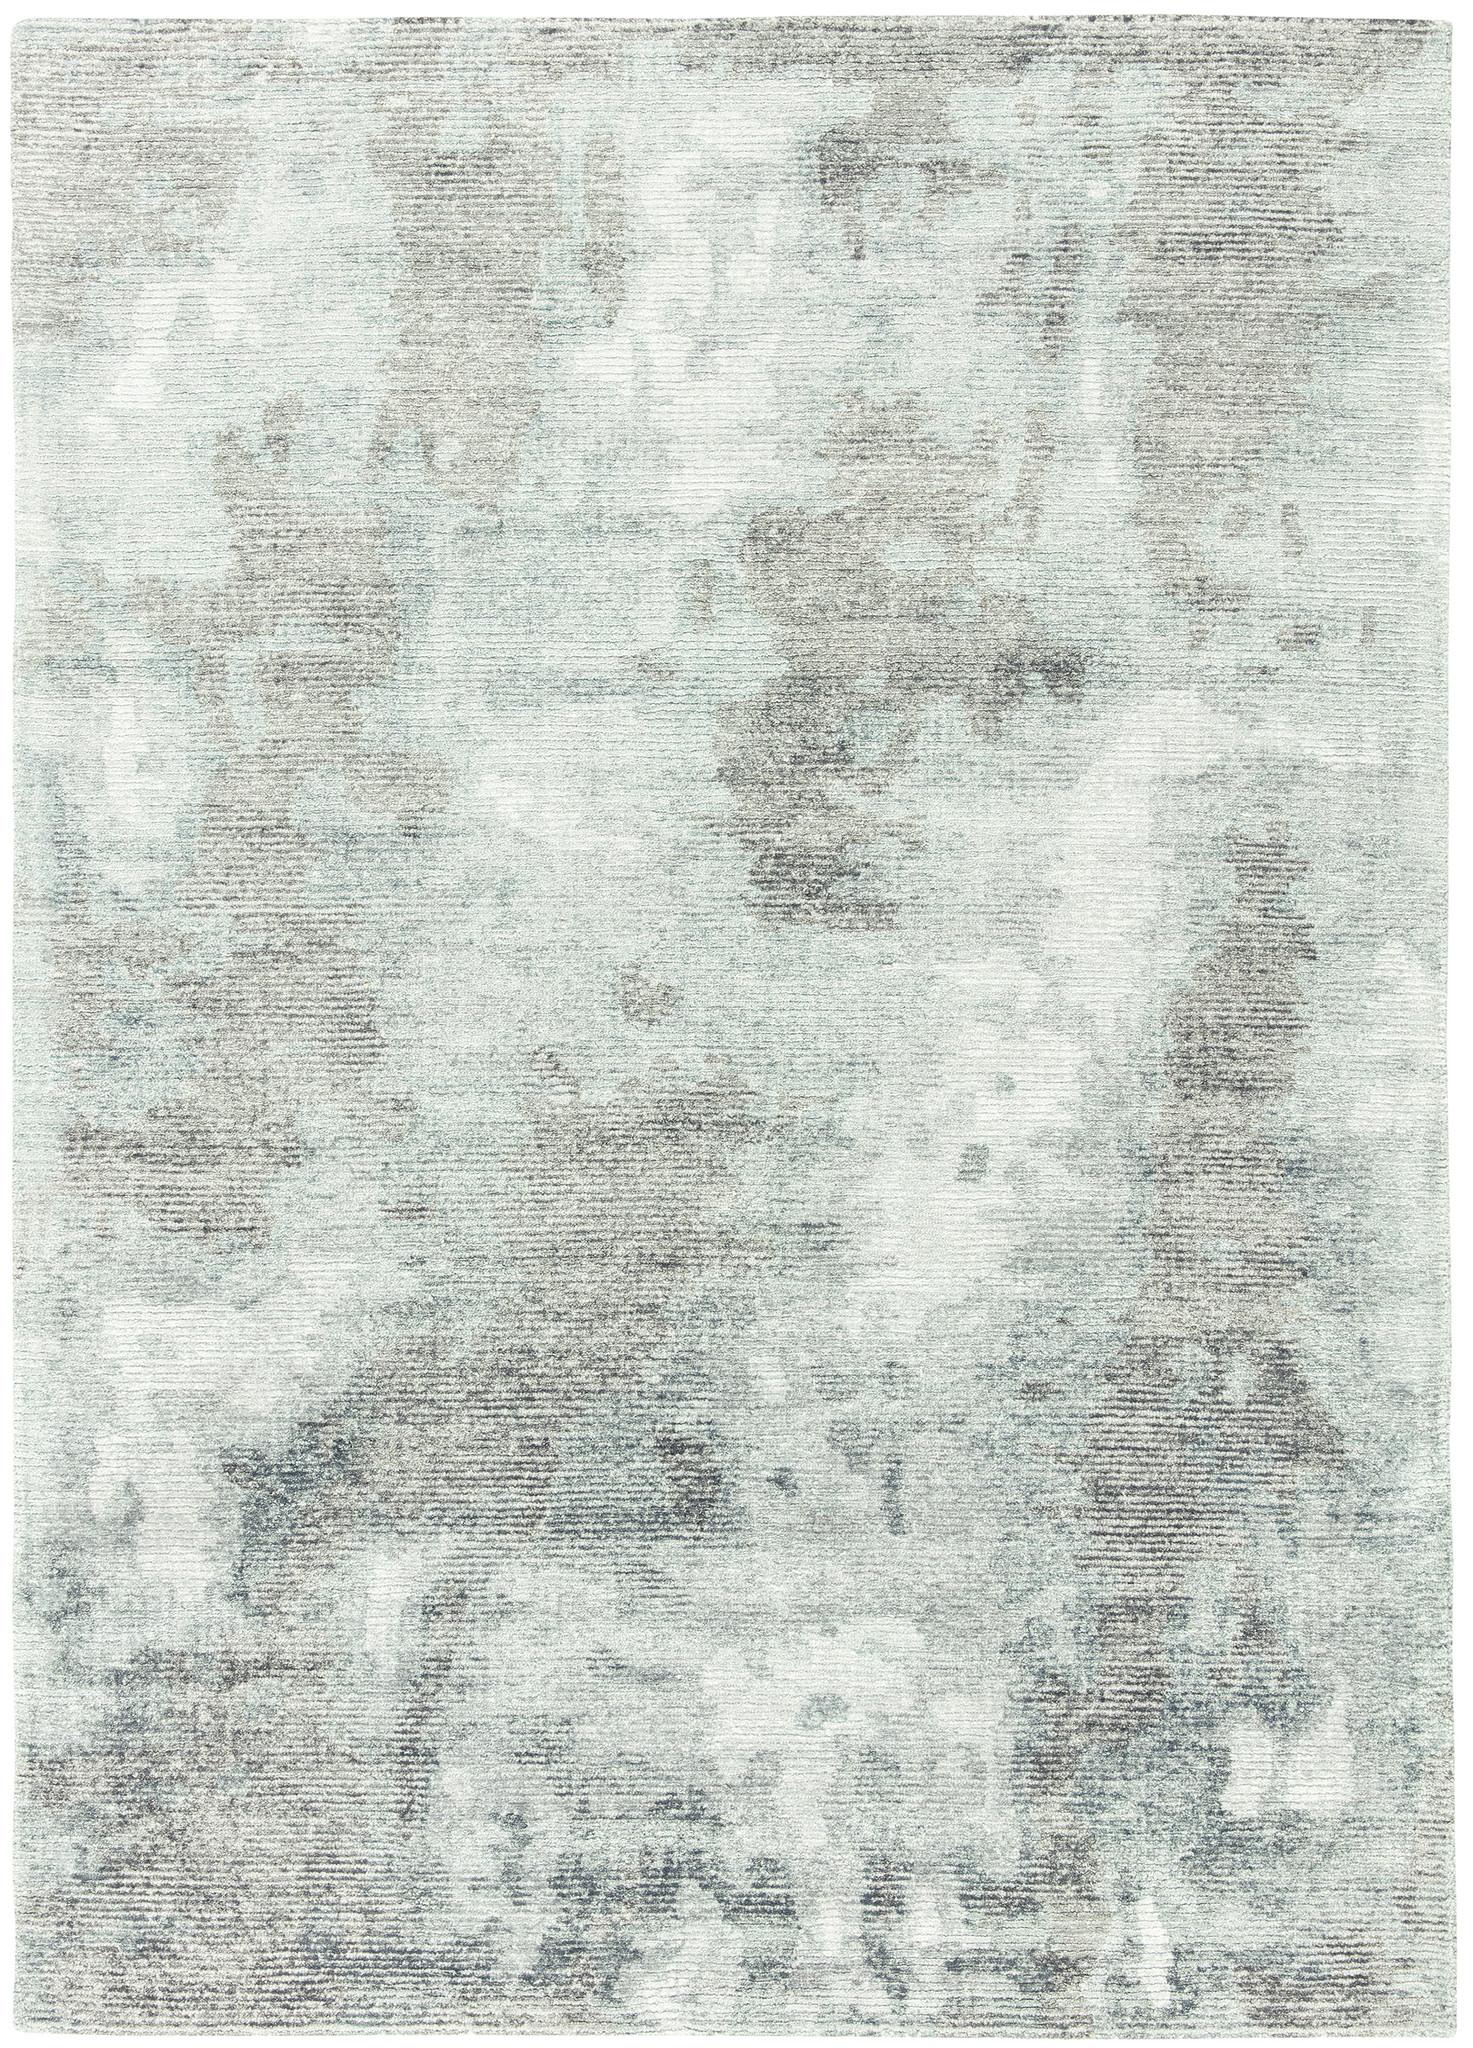 Vloerkleed Erode 600 170x240cm-1